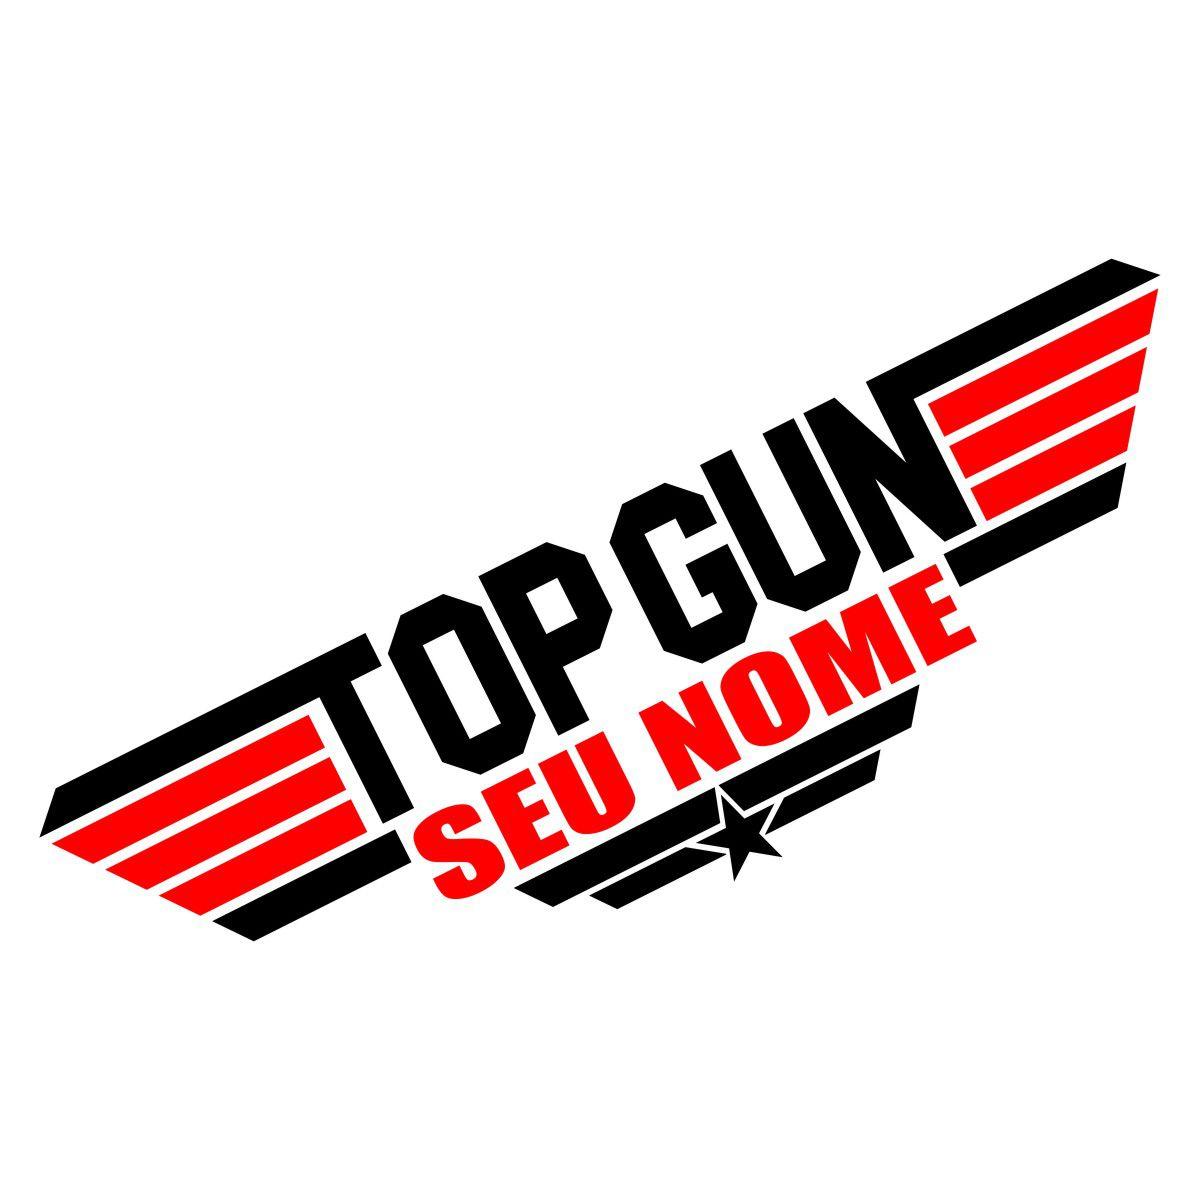 Adesivo TOP GUN - Novo modelo - Personalizado com seu nome